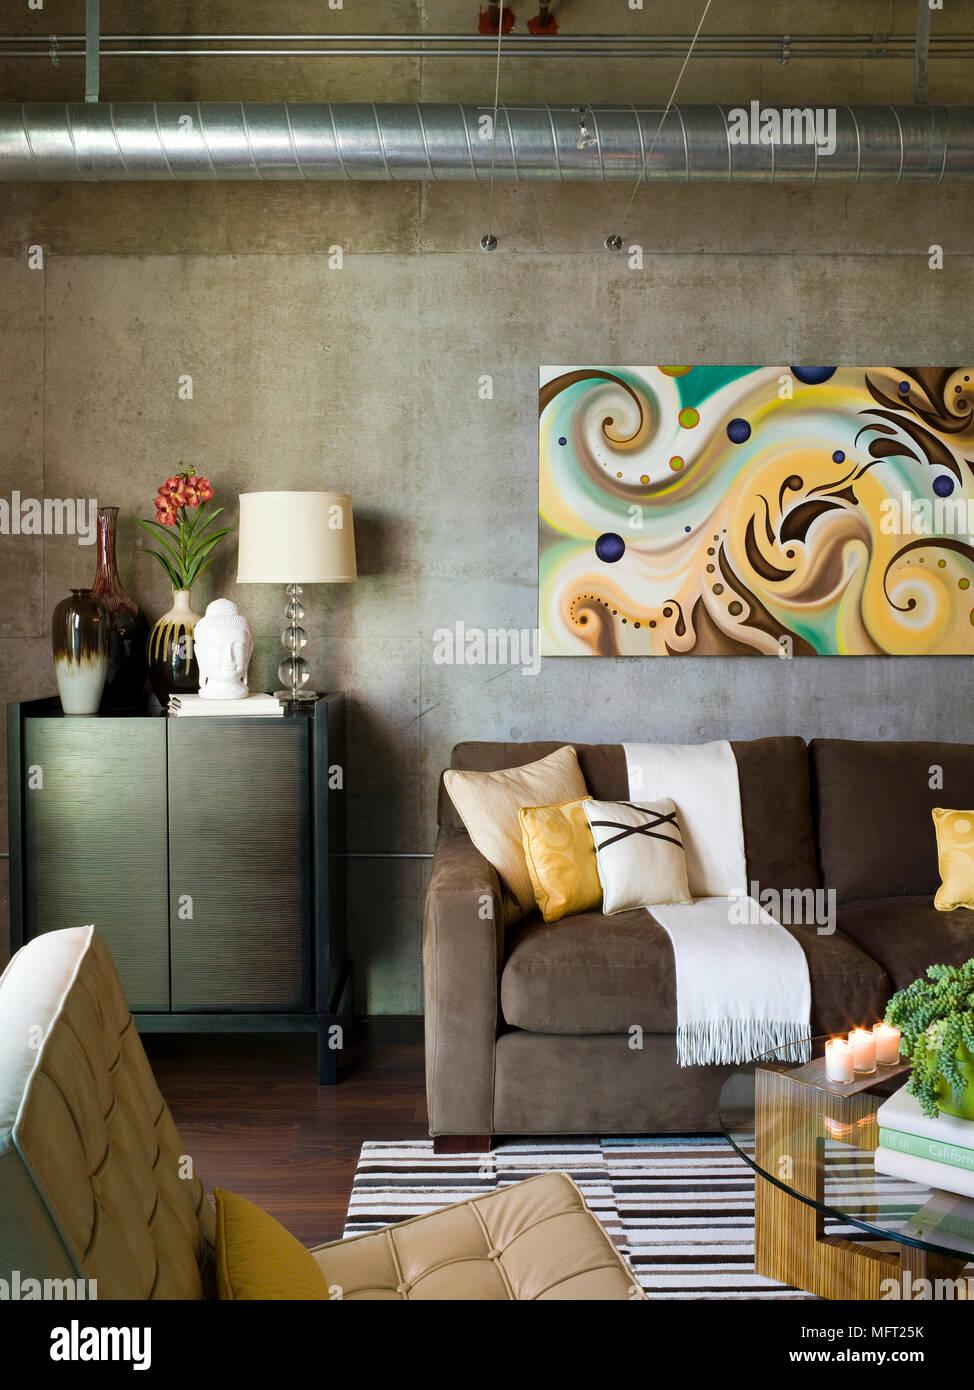 Lampe und anderen Elementen auf Schrank neben Braun Sofa in moderne ...